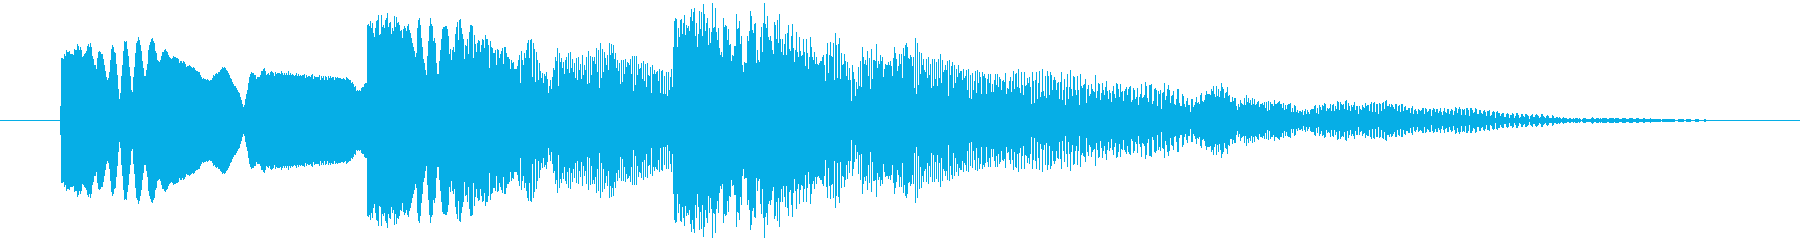 弾を撃つ(ショット) 三連射 チチチゥッの再生済みの波形